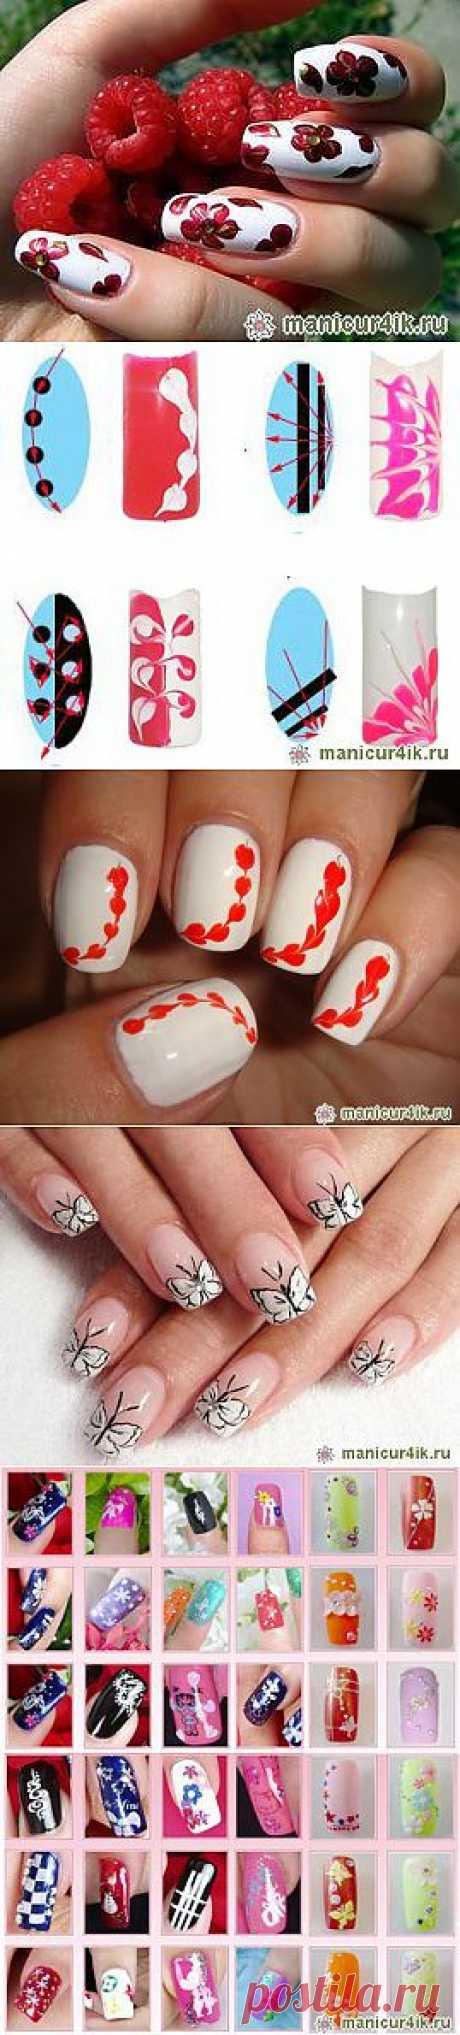 Простой дизайн ногтей (фото) | Маникюр4ик.ру - 2013